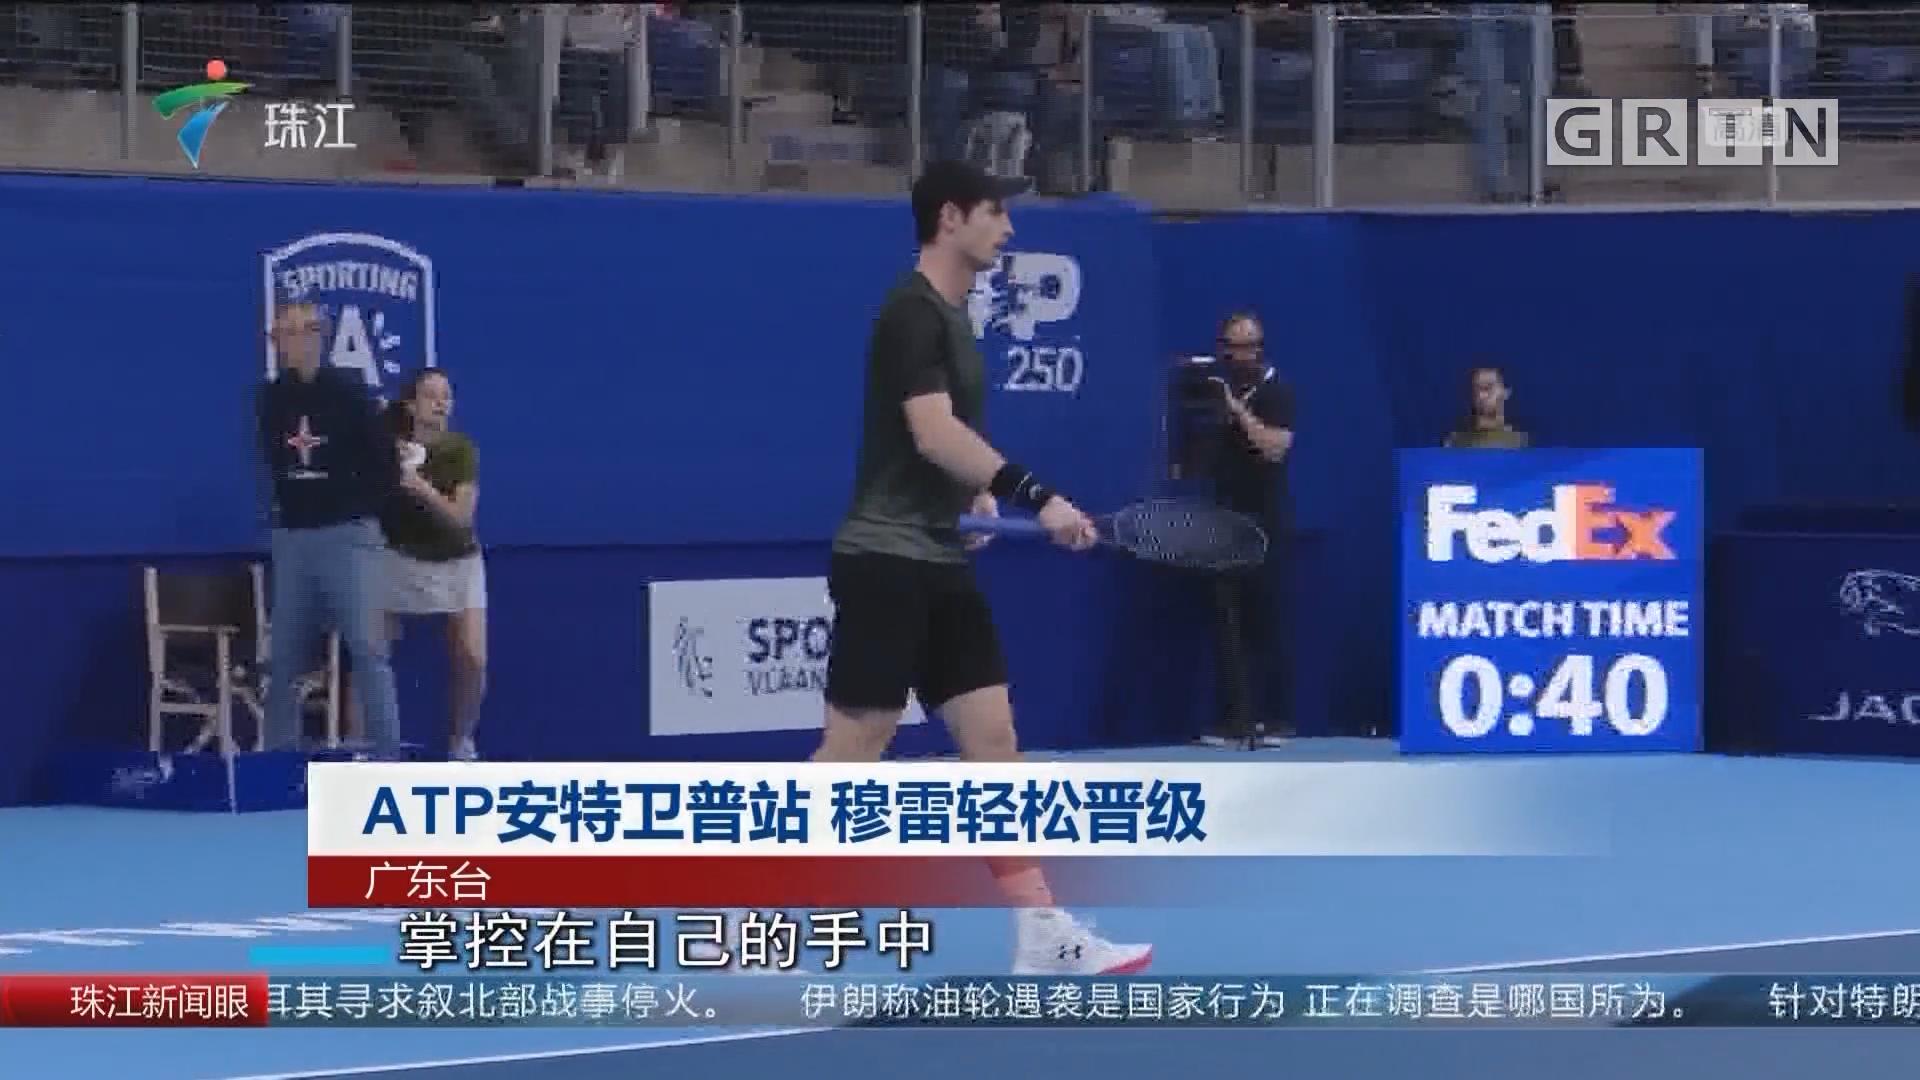 ATP安特卫普站 穆雷轻松晋级